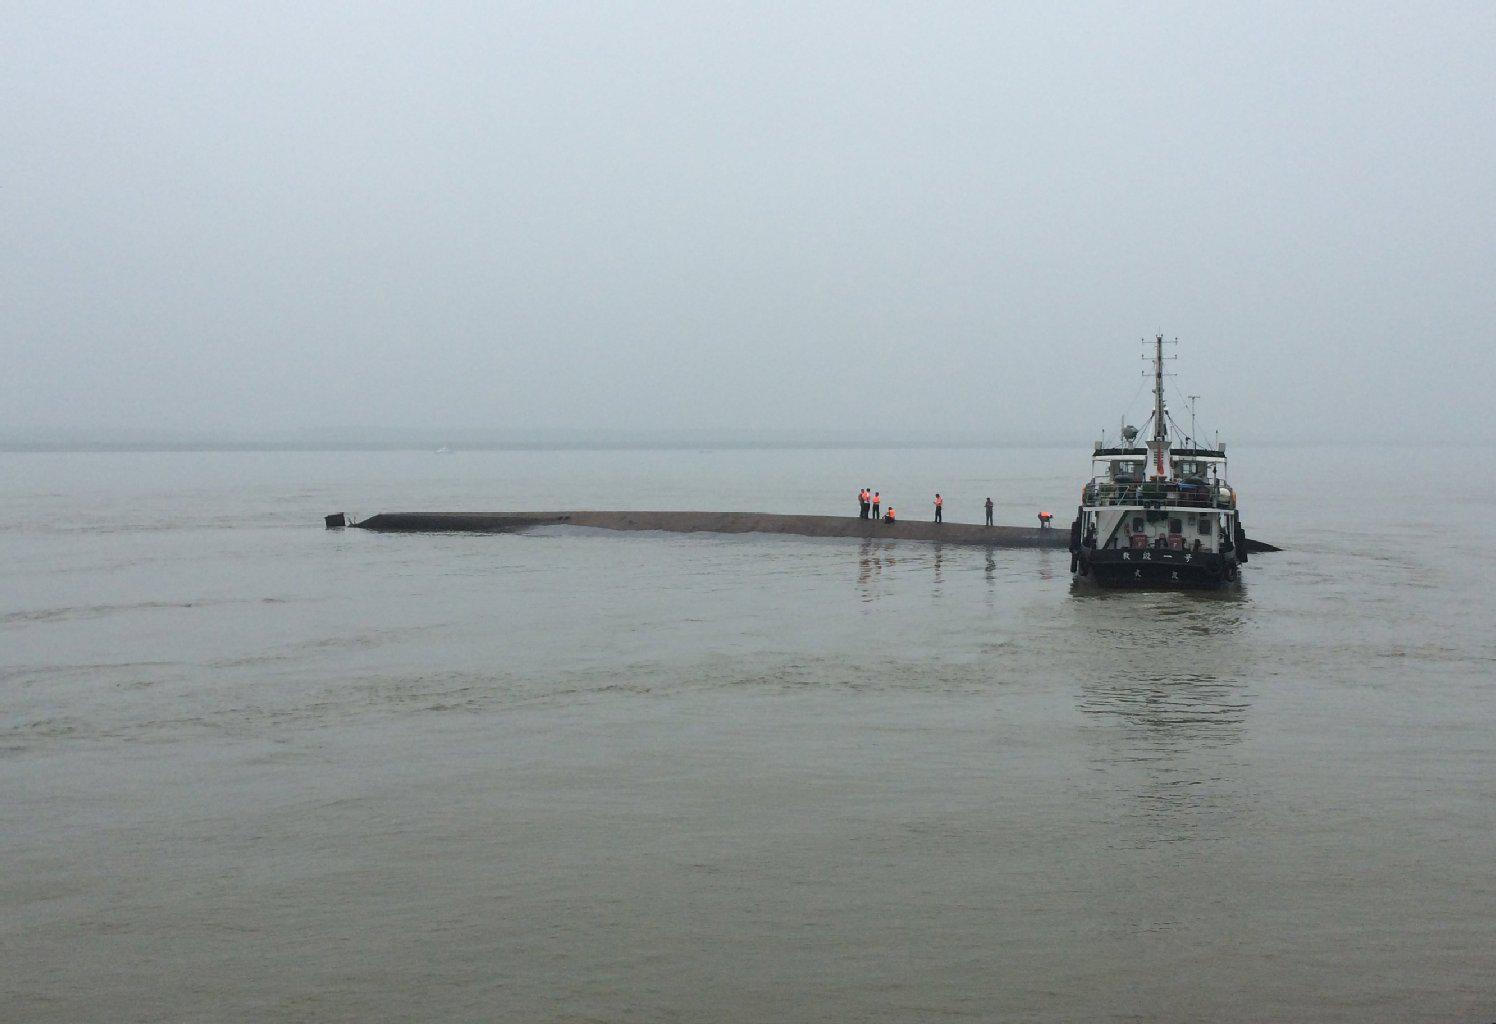 Schiff auf dem #Jangtse gesunken: Hunderte Vermisste nach Schiffsunglück in #China. http://t.co/hepD3UMXms